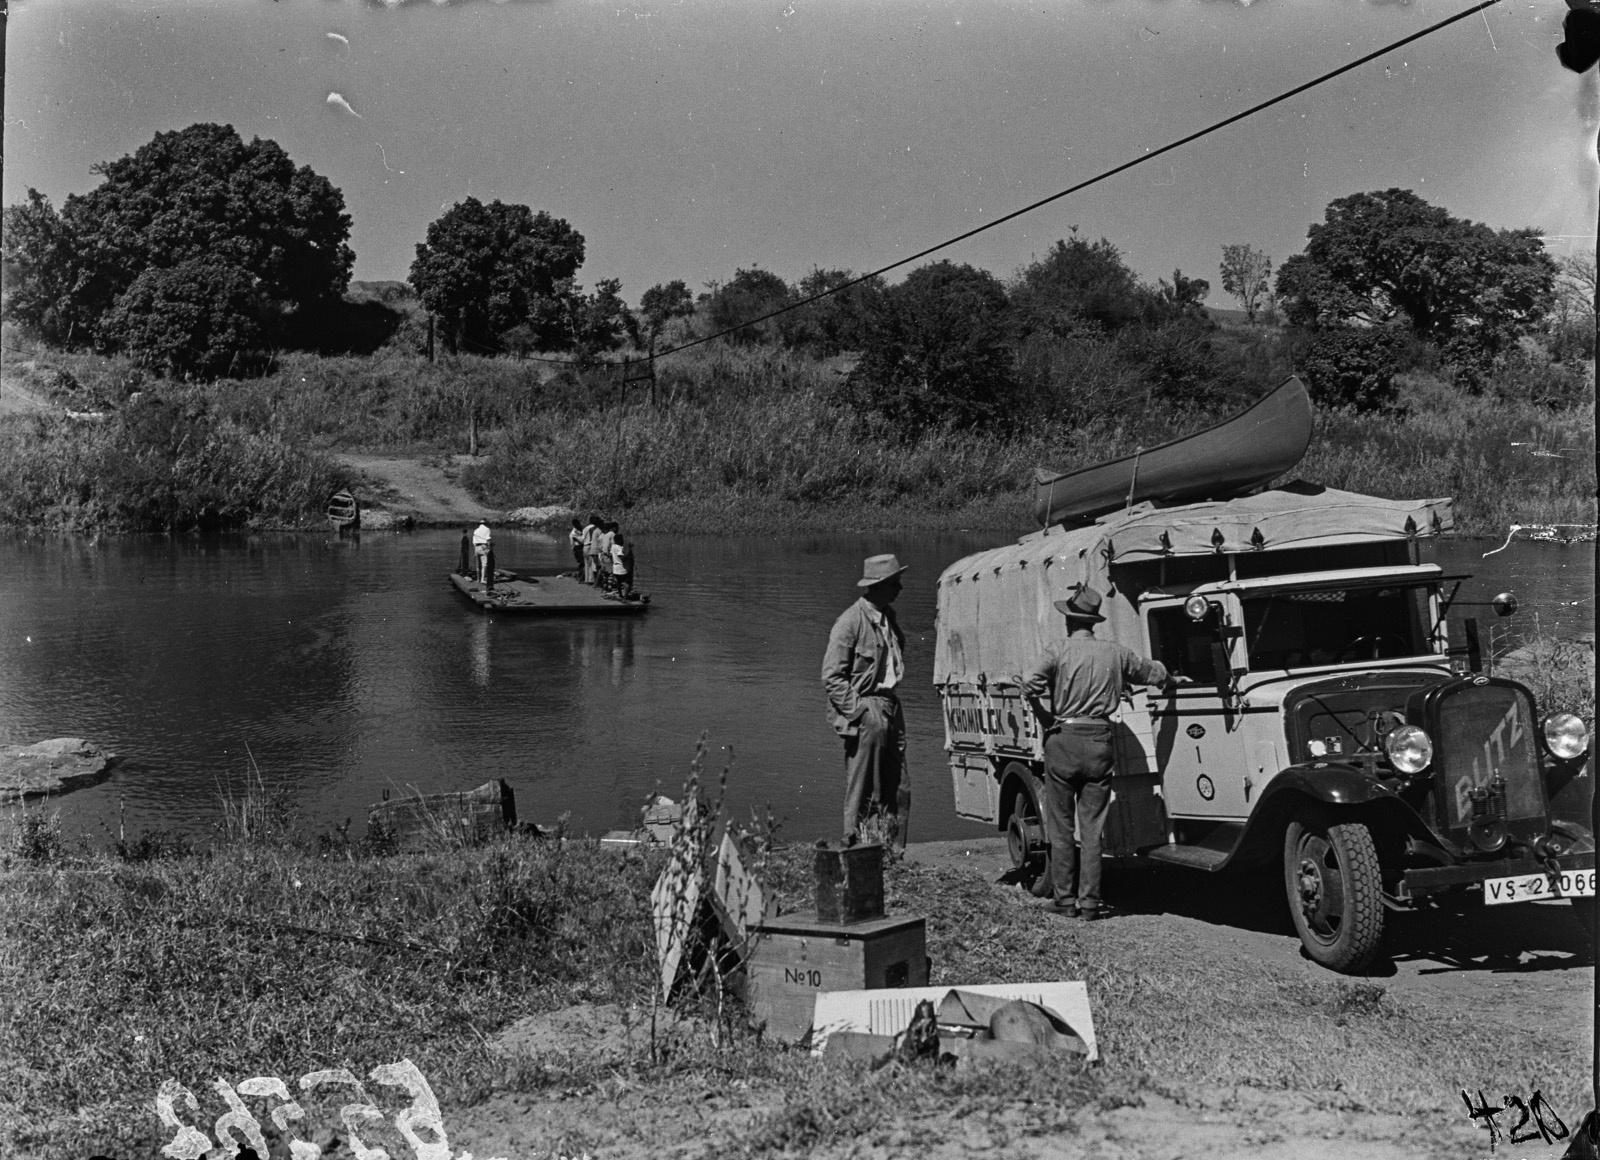 Малалане. Реакционный паром, используемый для перевозки через реку. Грузовик экспедиции уже на другом берегу